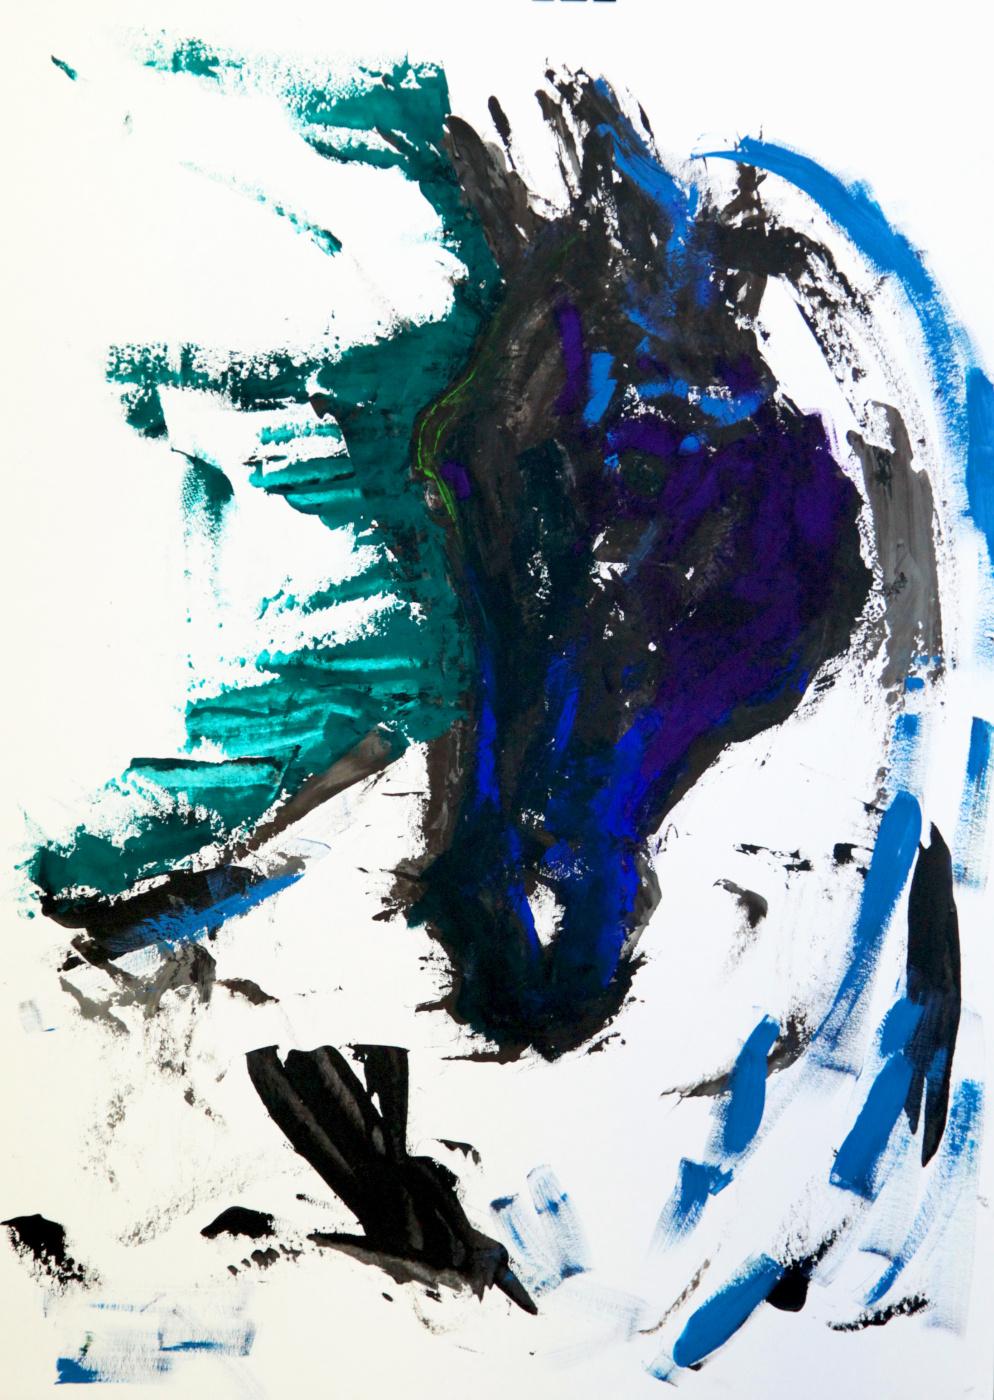 Lenok. The black horse